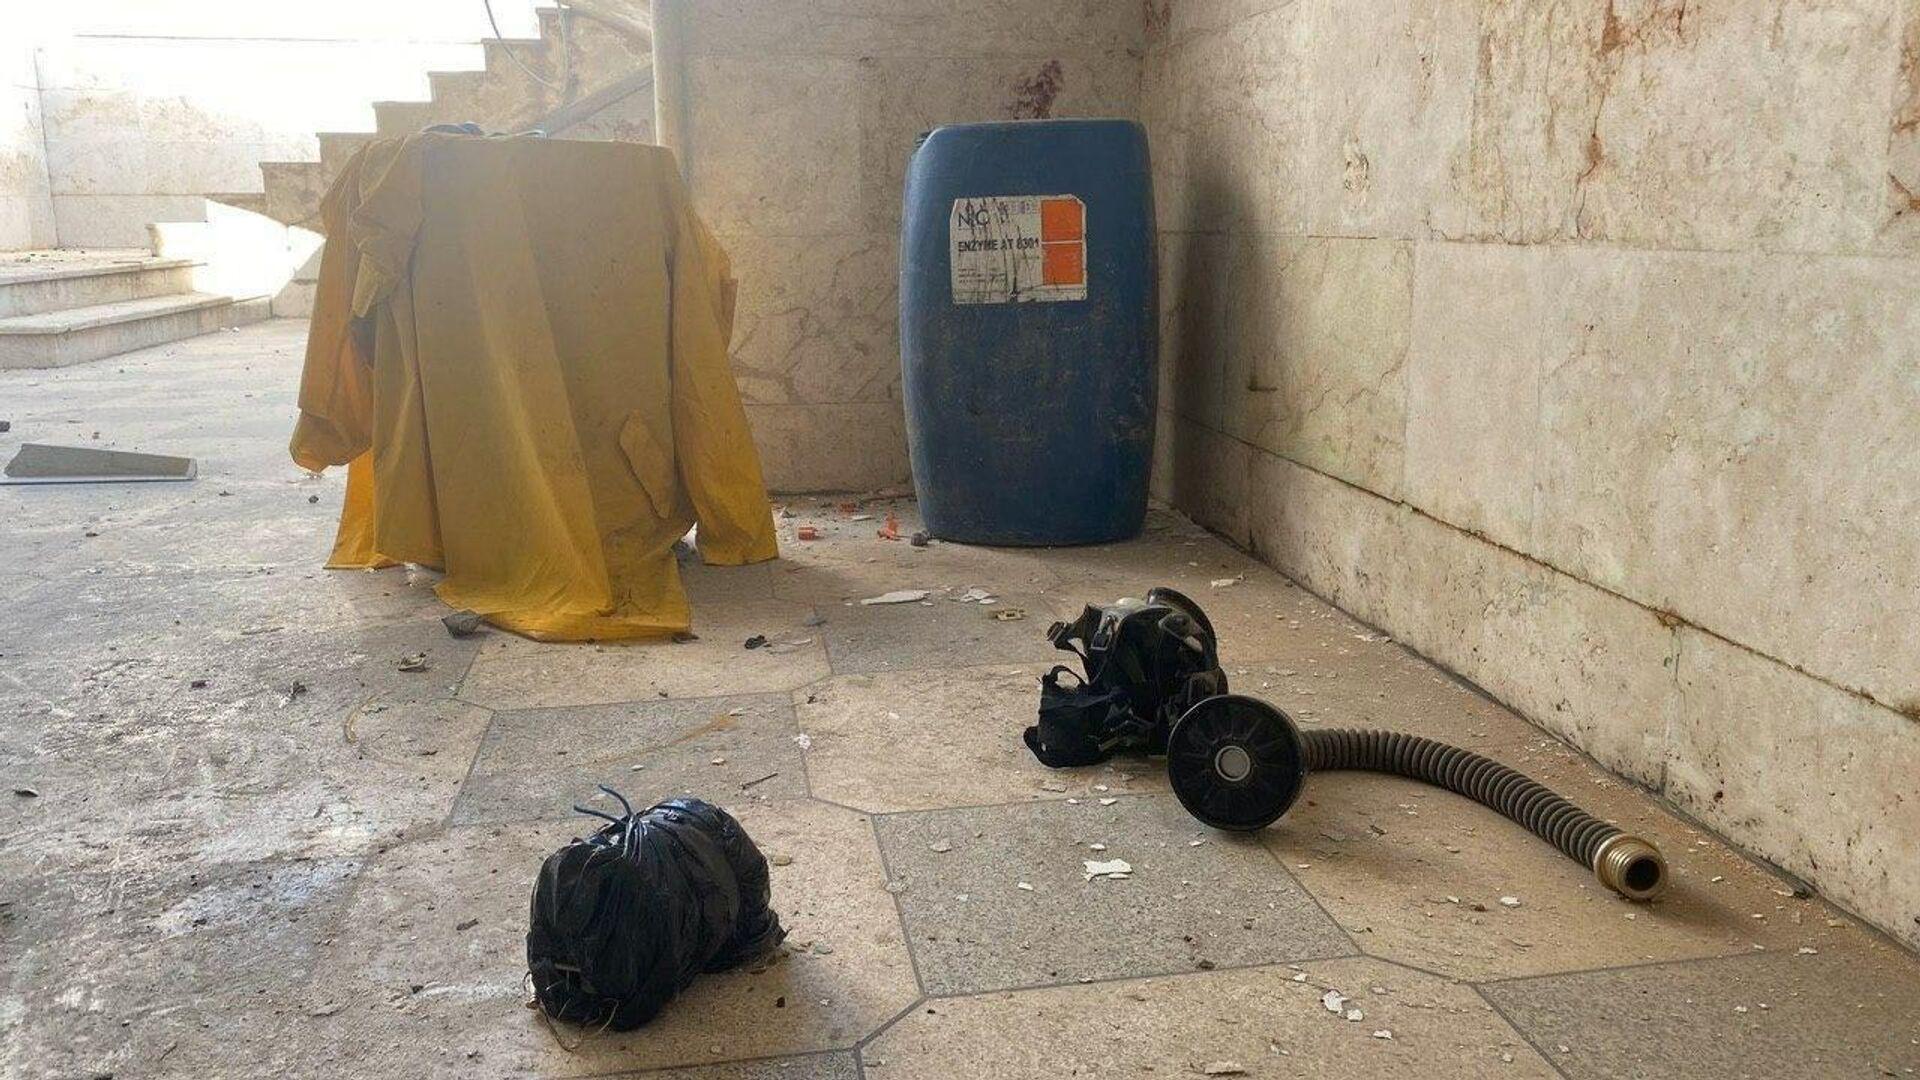 Место, где террористы готовили провокацию с химически отравляющим веществом в городе Саракеб в провинции Идлиб, Сирия - РИА Новости, 1920, 23.06.2021